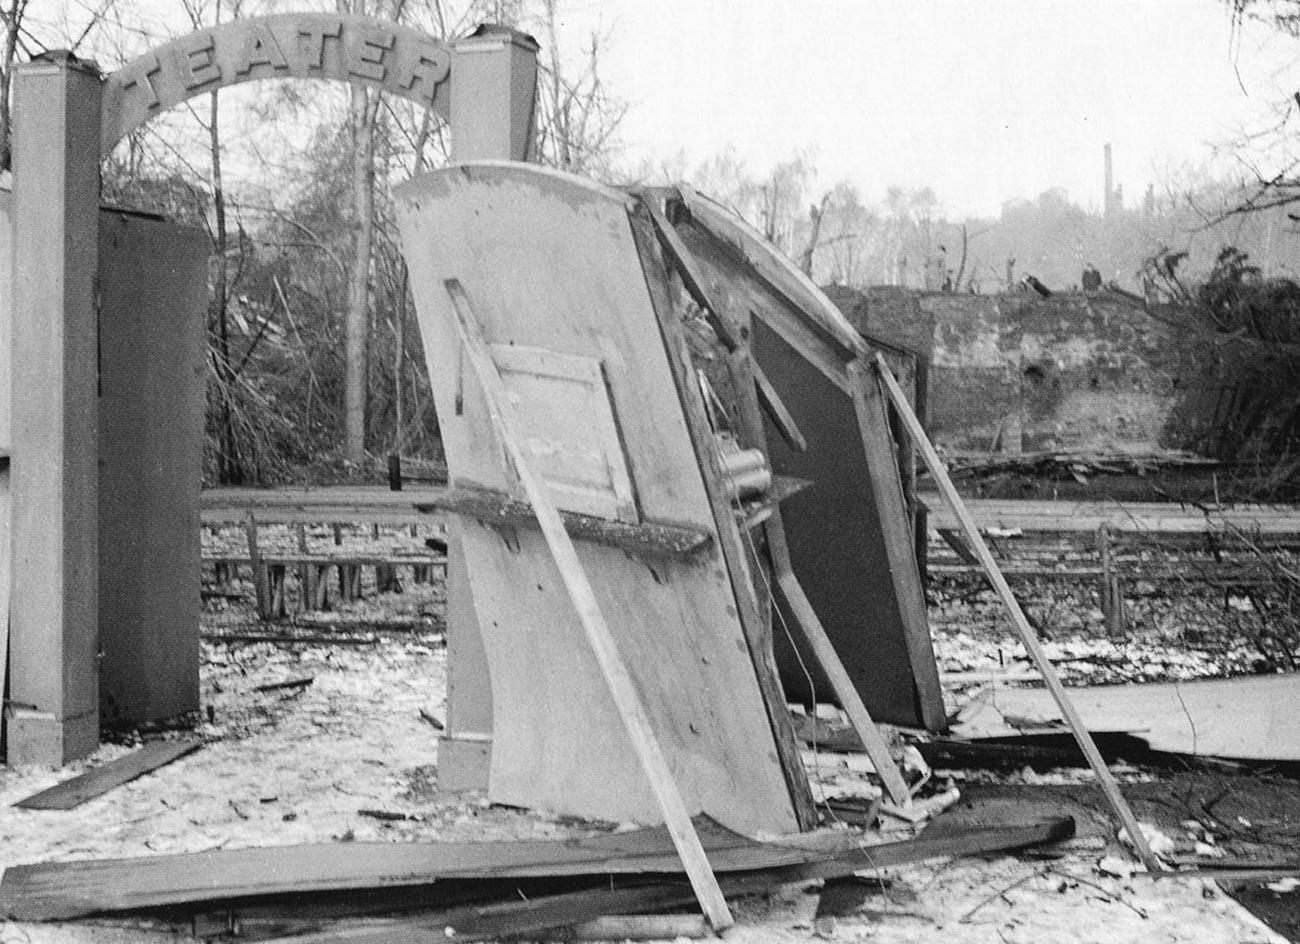 Gledališče na prostem po bombardiranju 22. februarja 1944